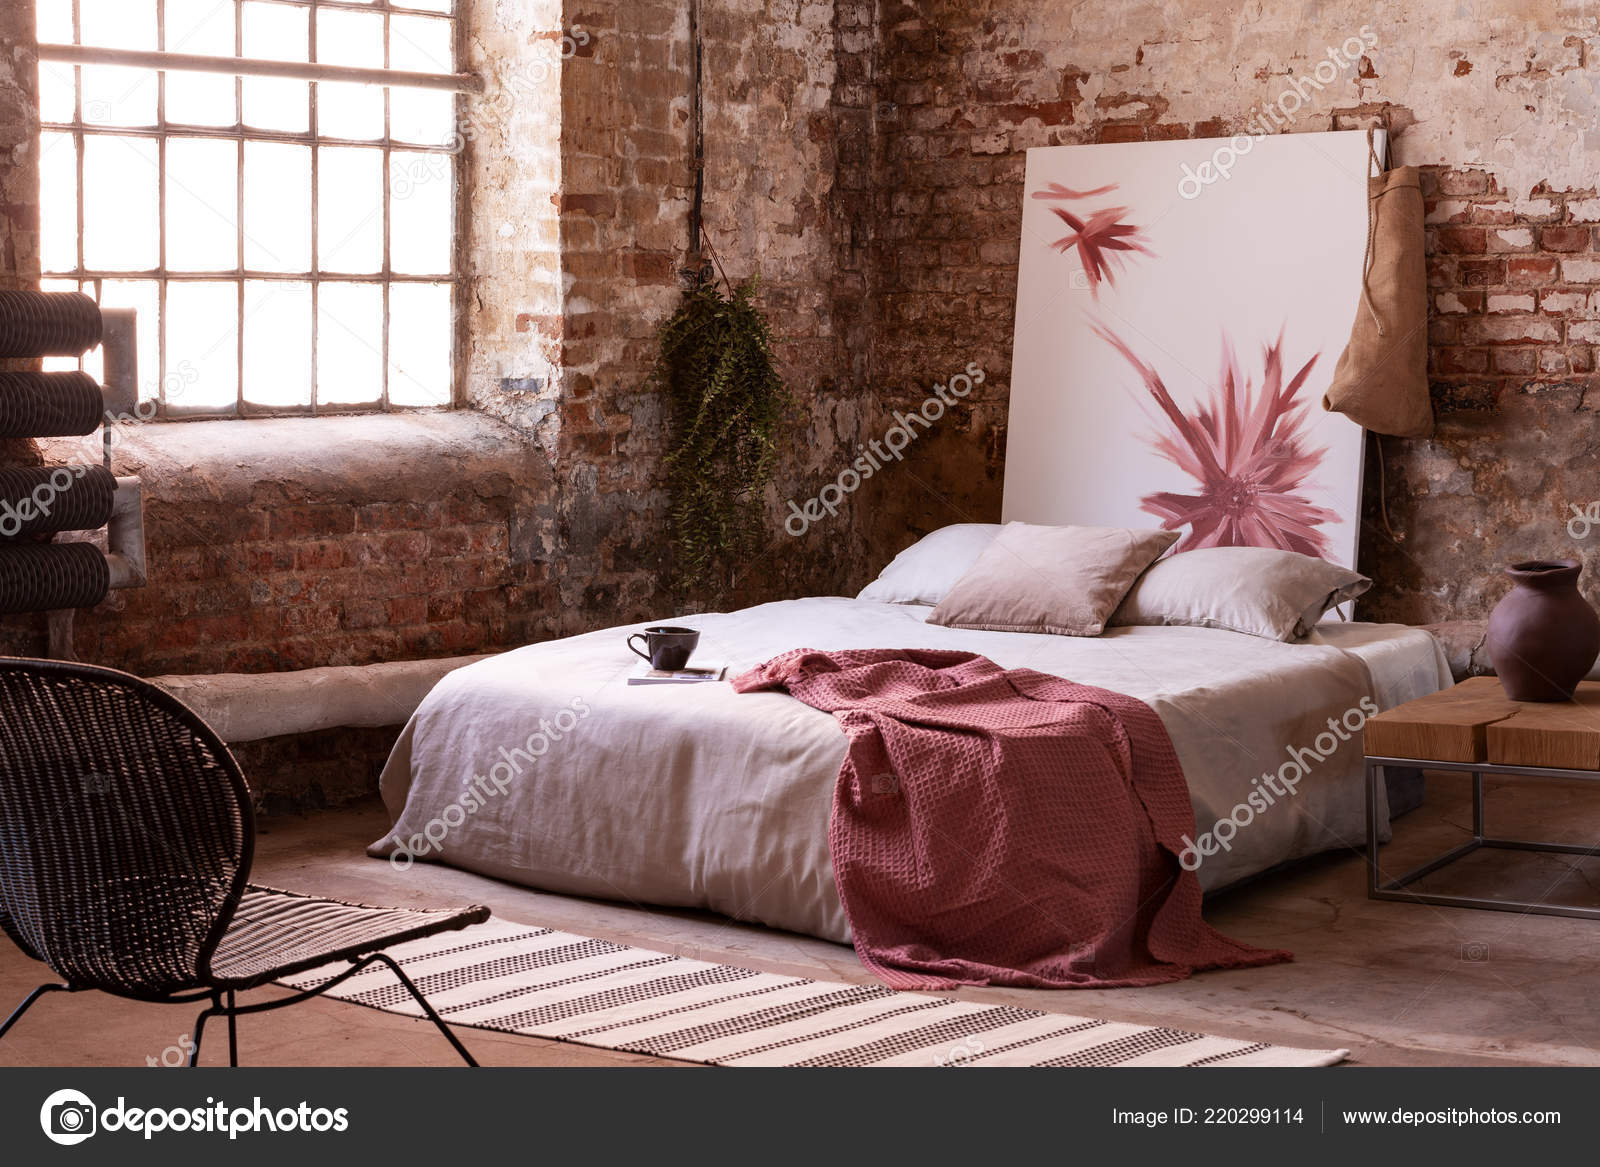 rode deken kussens grijs bed stoel slaapkamer interieur met poster stockfoto